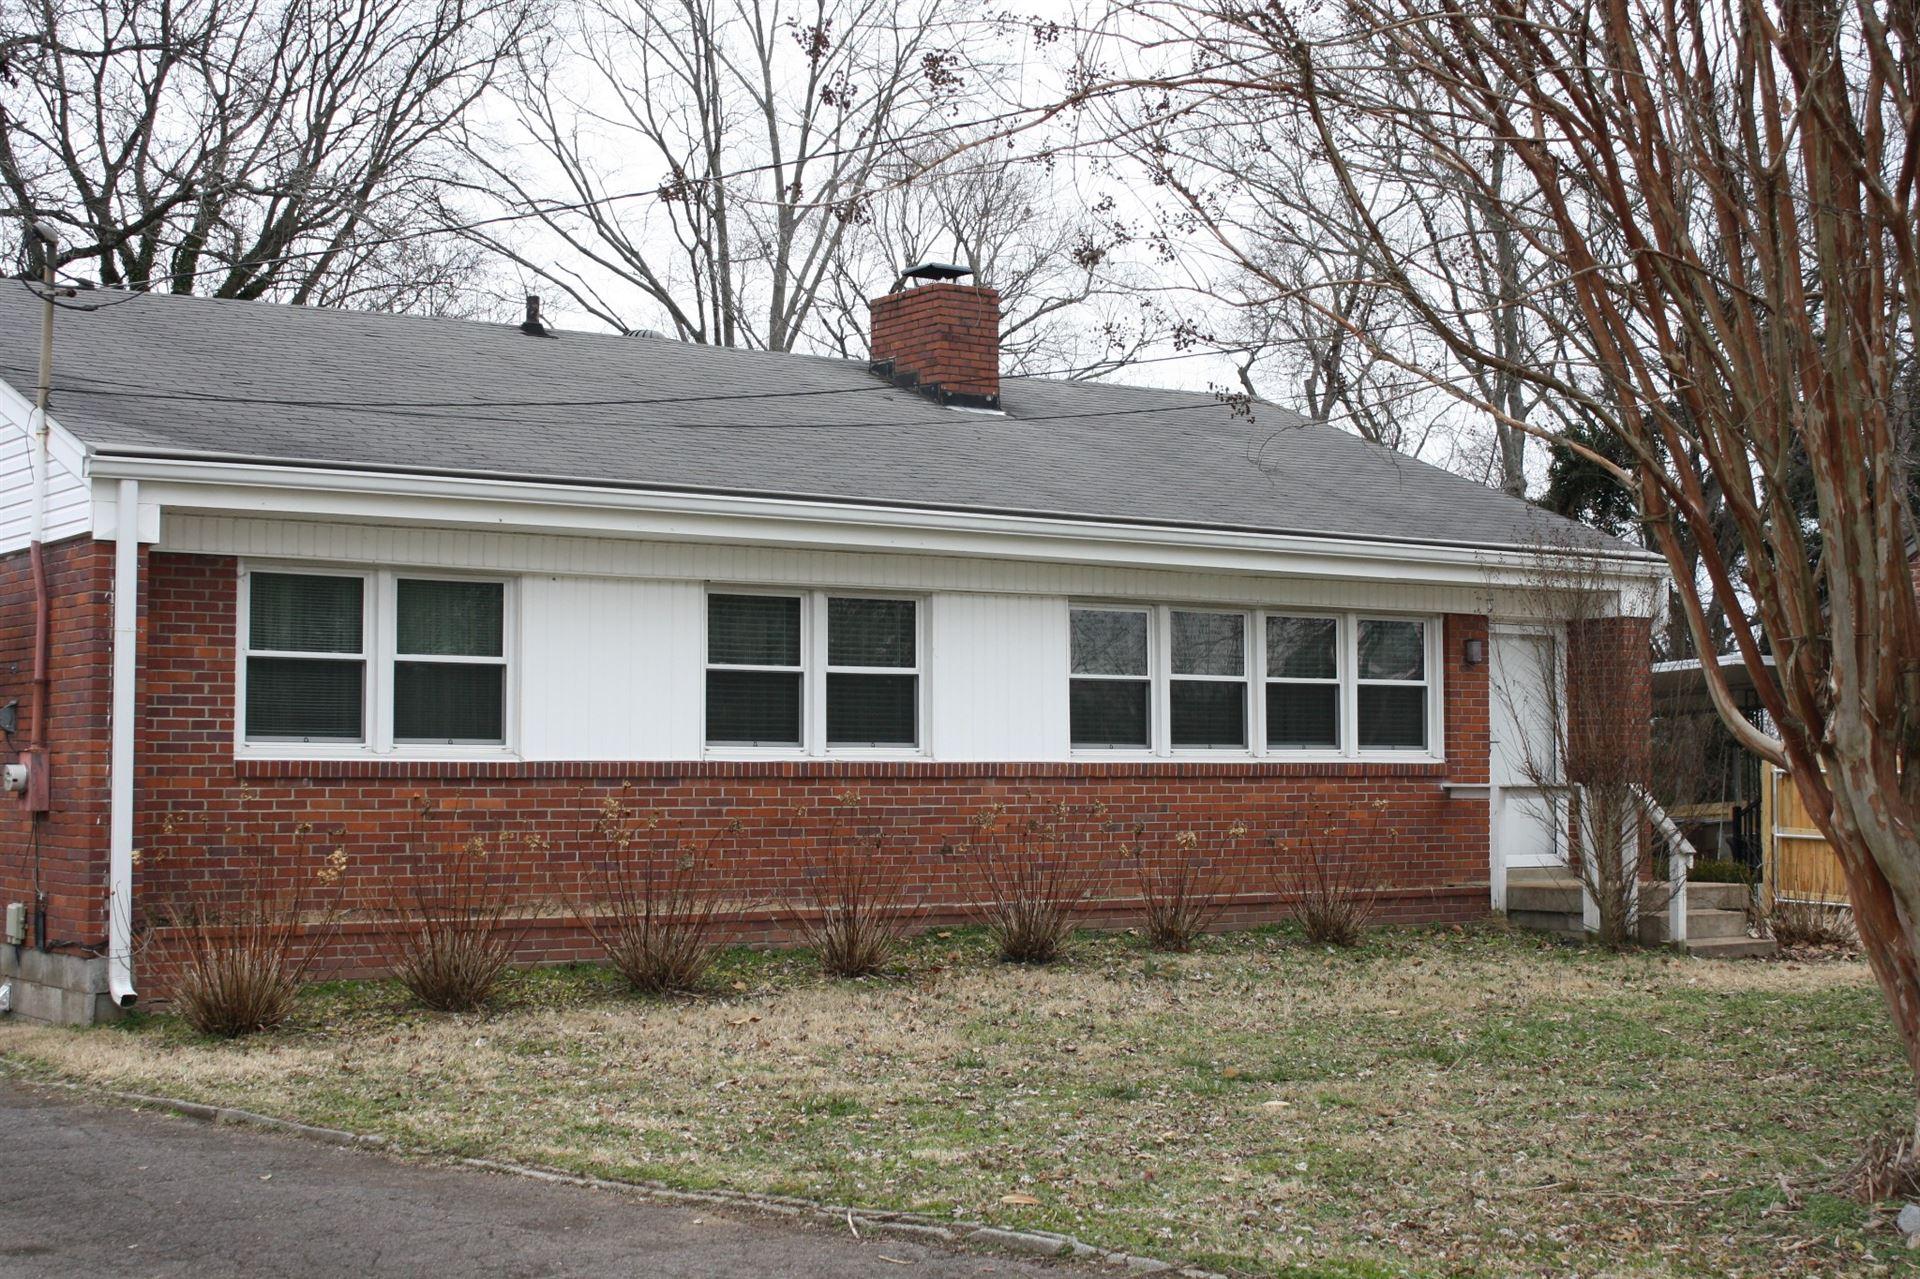 110 Donelsonwood Dr, Nashville, TN 37214 - MLS#: 2222800